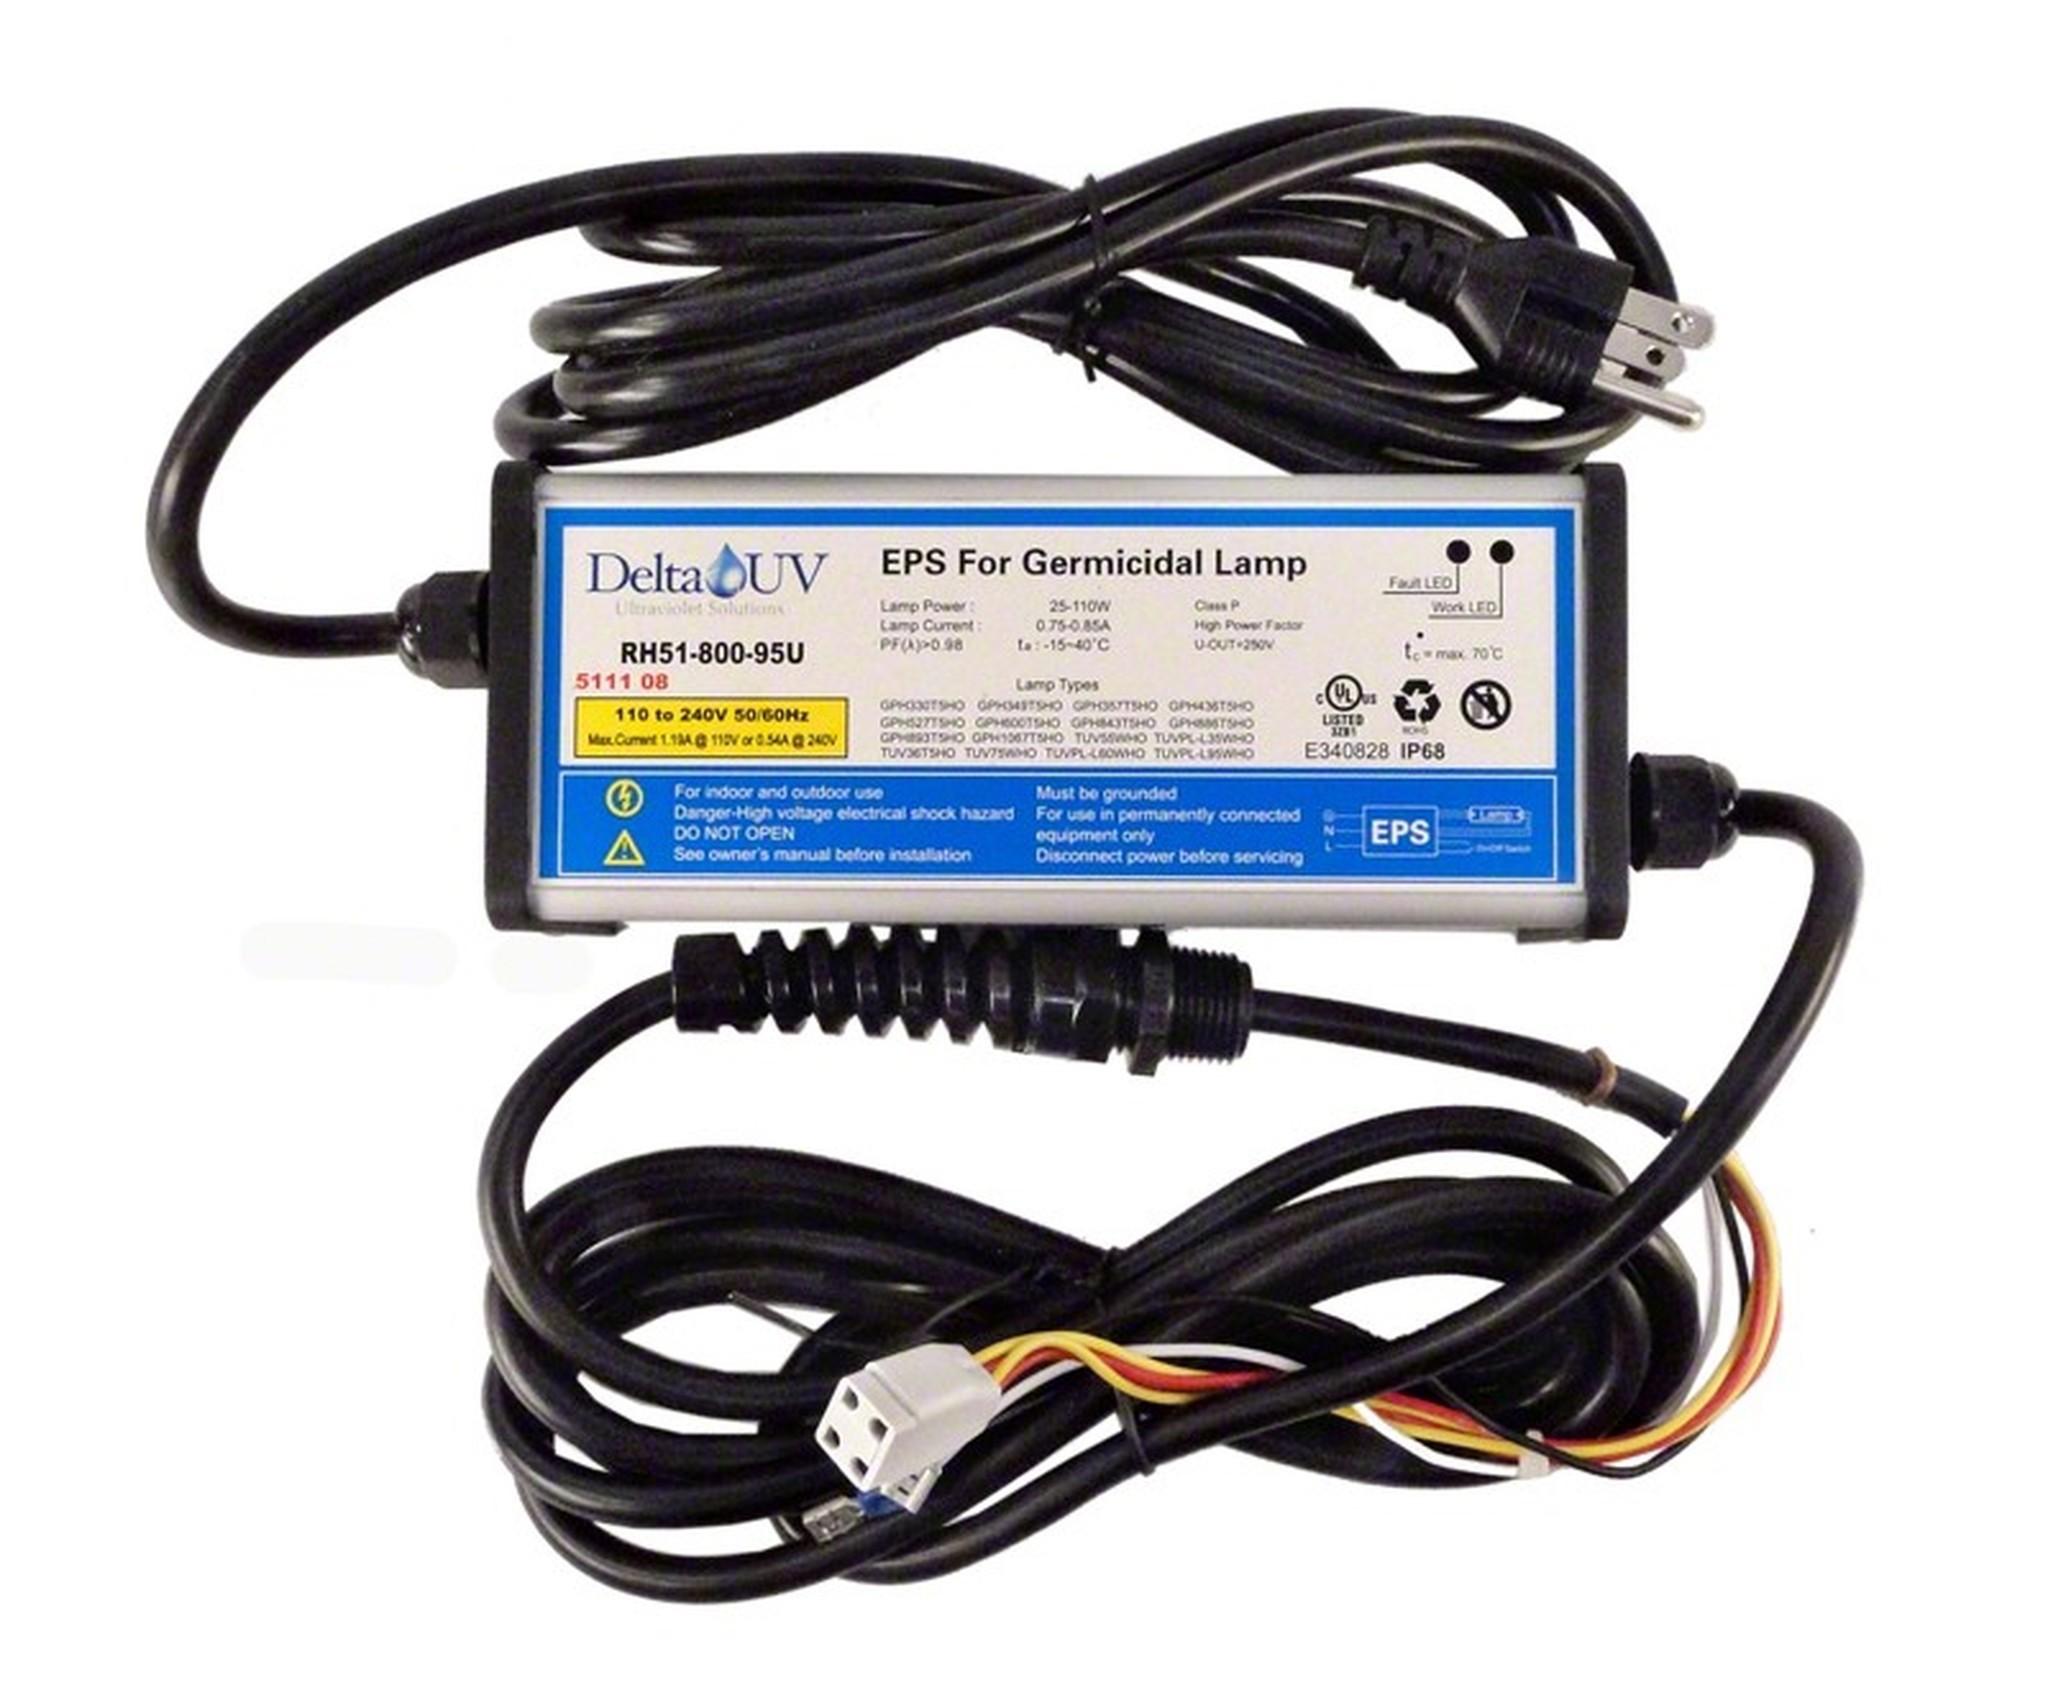 Delta UV Ultraviolet Systems